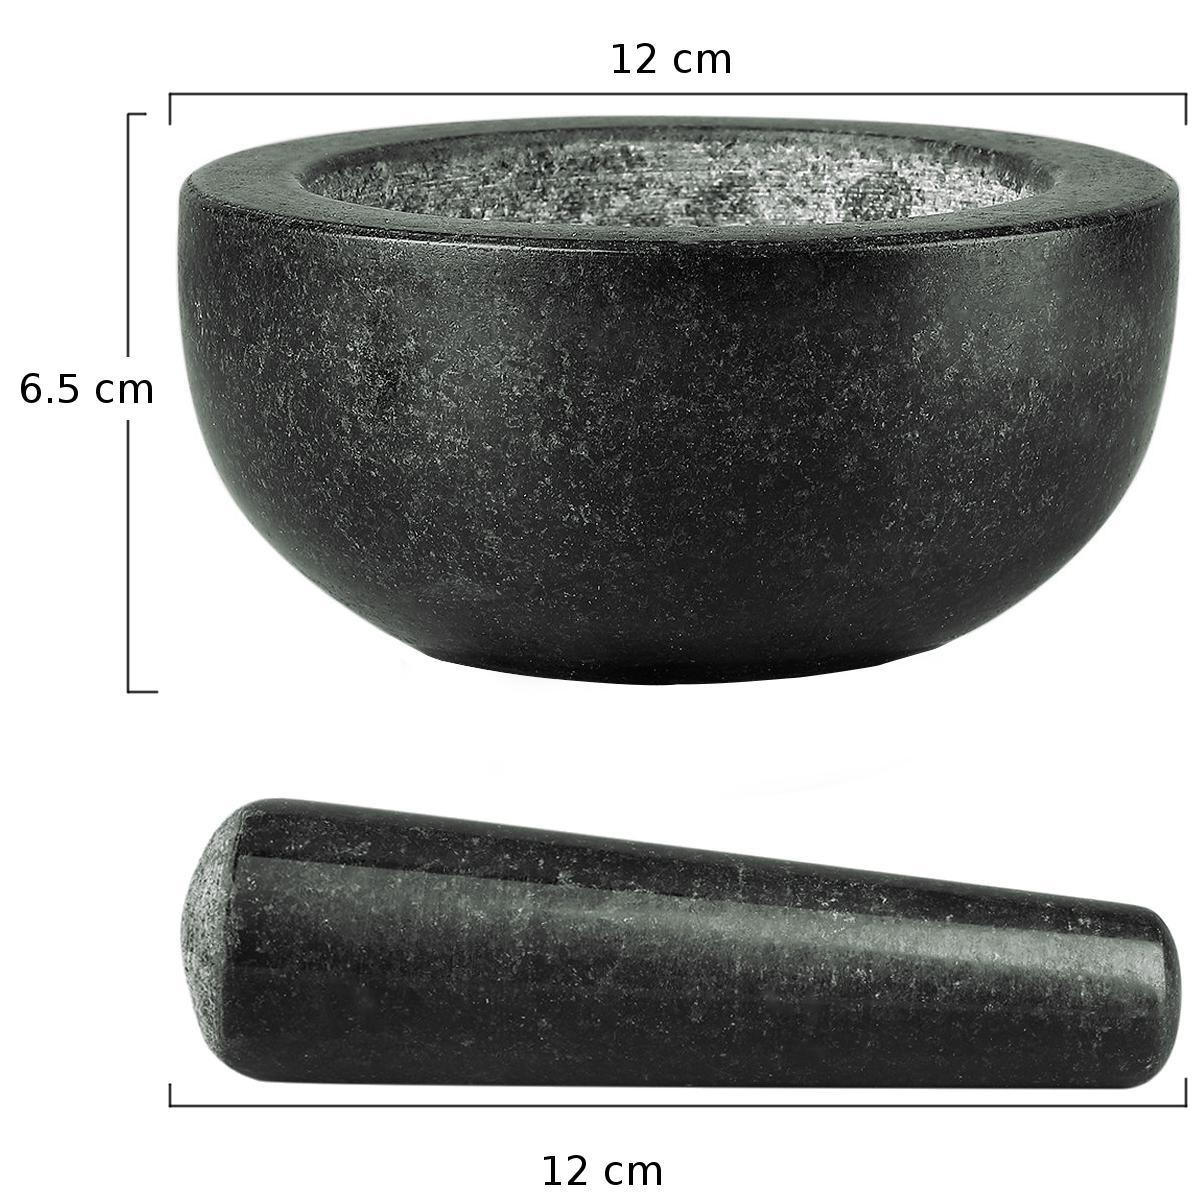 Γουδί και γουδοχέρι από γρανίτη Φ 12 cm